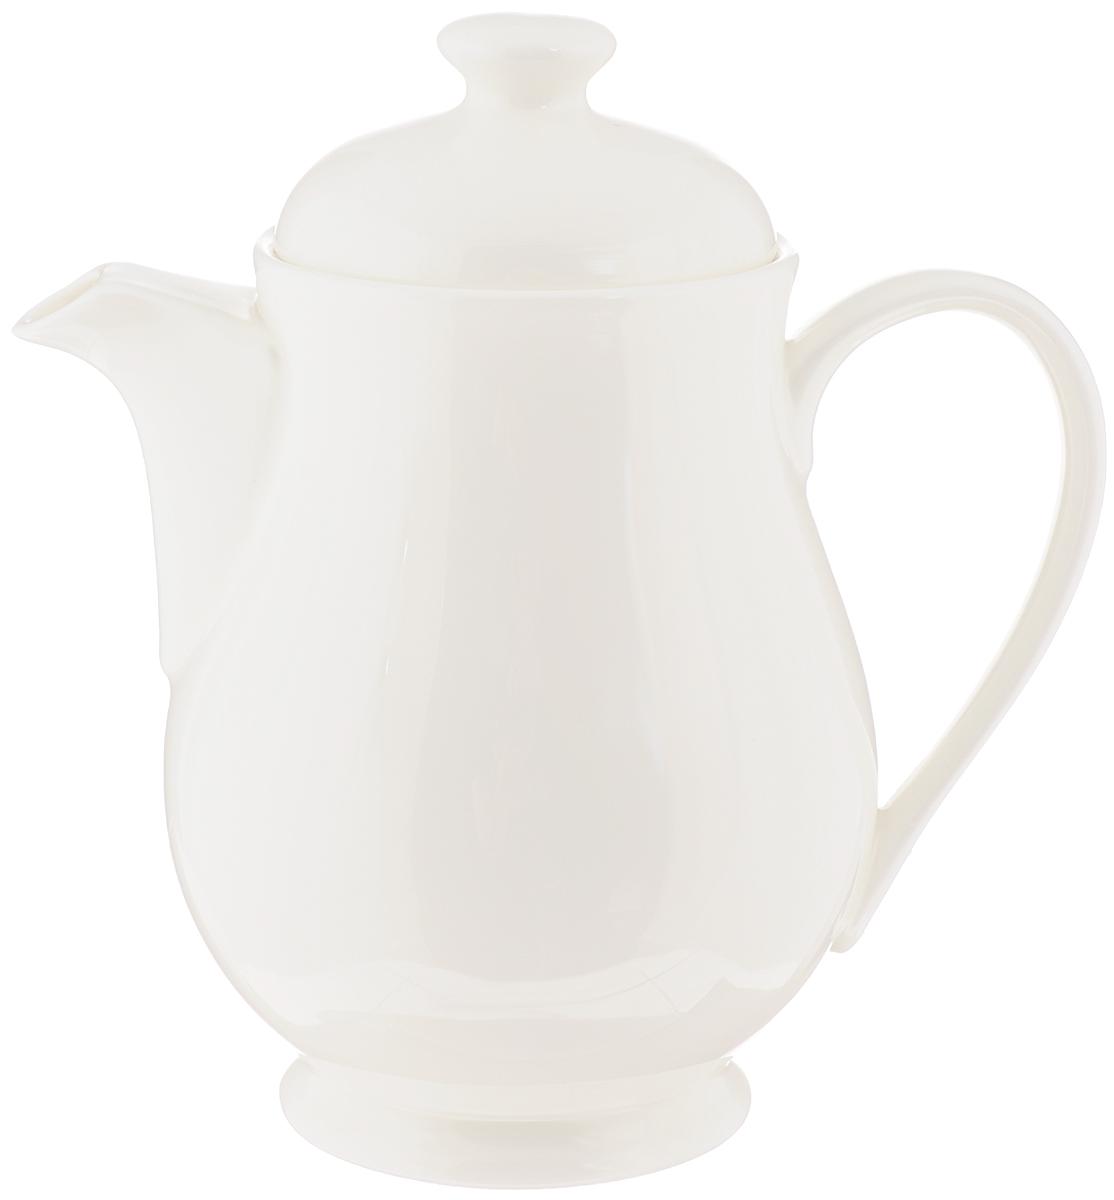 """Заварочный чайник """"Wilmax"""" изготовлен из высококачественного фарфора. Глазурованное покрытие обеспечивает легкую очистку. Изделие прекрасно подходит для заваривания вкусного и ароматного чая, а также травяных настоев. Отверстия в основании носика препятствует попаданию чаинок в чашку. Оригинальный дизайн сделает чайник настоящим украшением стола. Он удобен в использовании и понравится каждому.Можно мыть в посудомоечной машине и использовать в микроволновой печи. Диаметр чайника (по верхнему краю): 7,5 см. Высота чайника (без учета крышки): 13 см. Высота чайника (с учетом крышки): 16 см."""